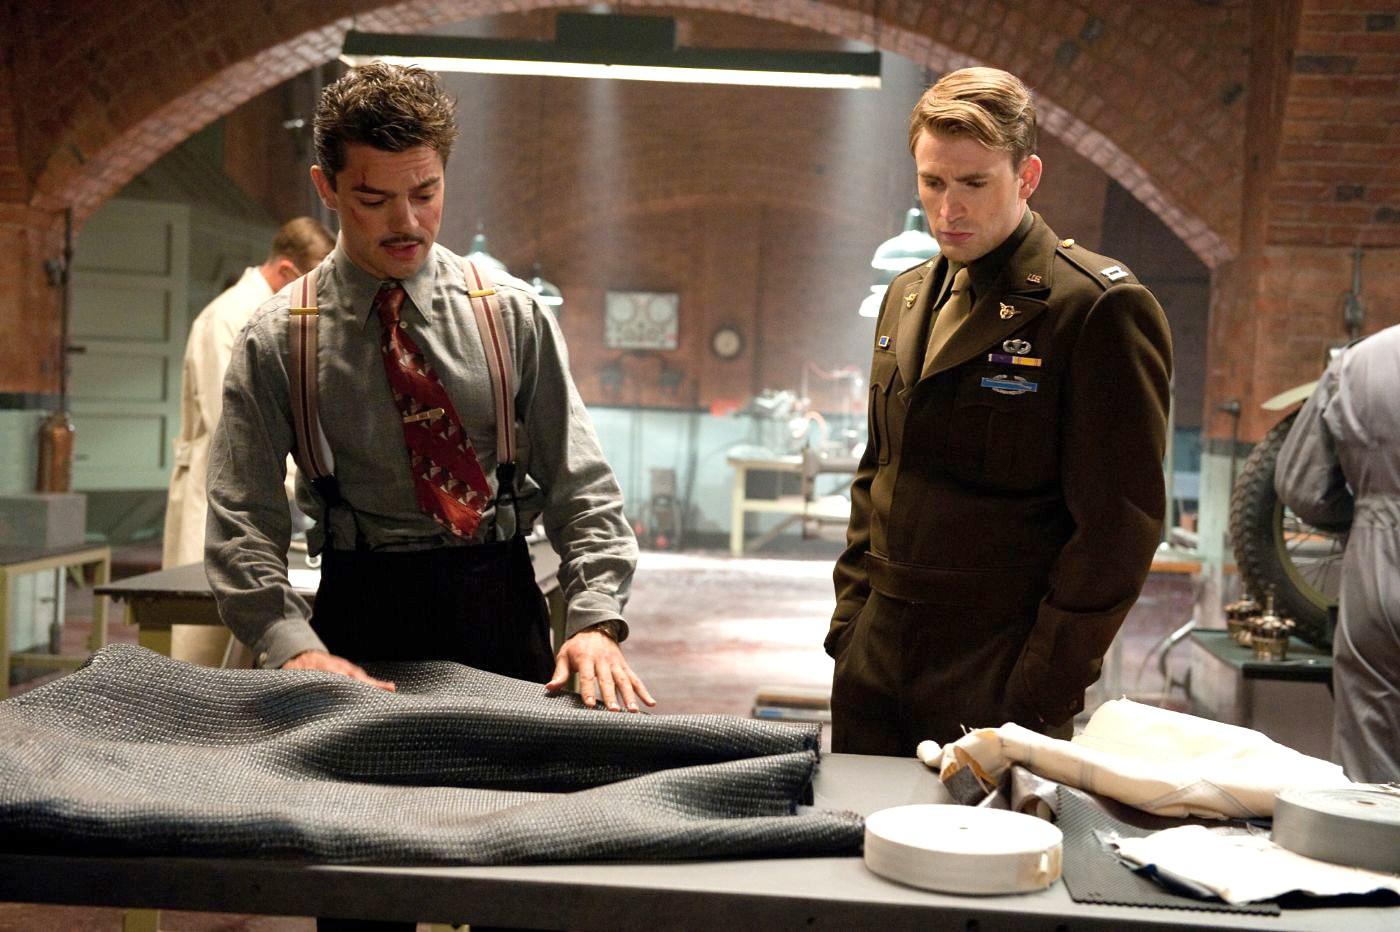 Captain america the first avenger 2011 - Dominic Cooper And Chris Evans Incaptain America The First Avenger 2011